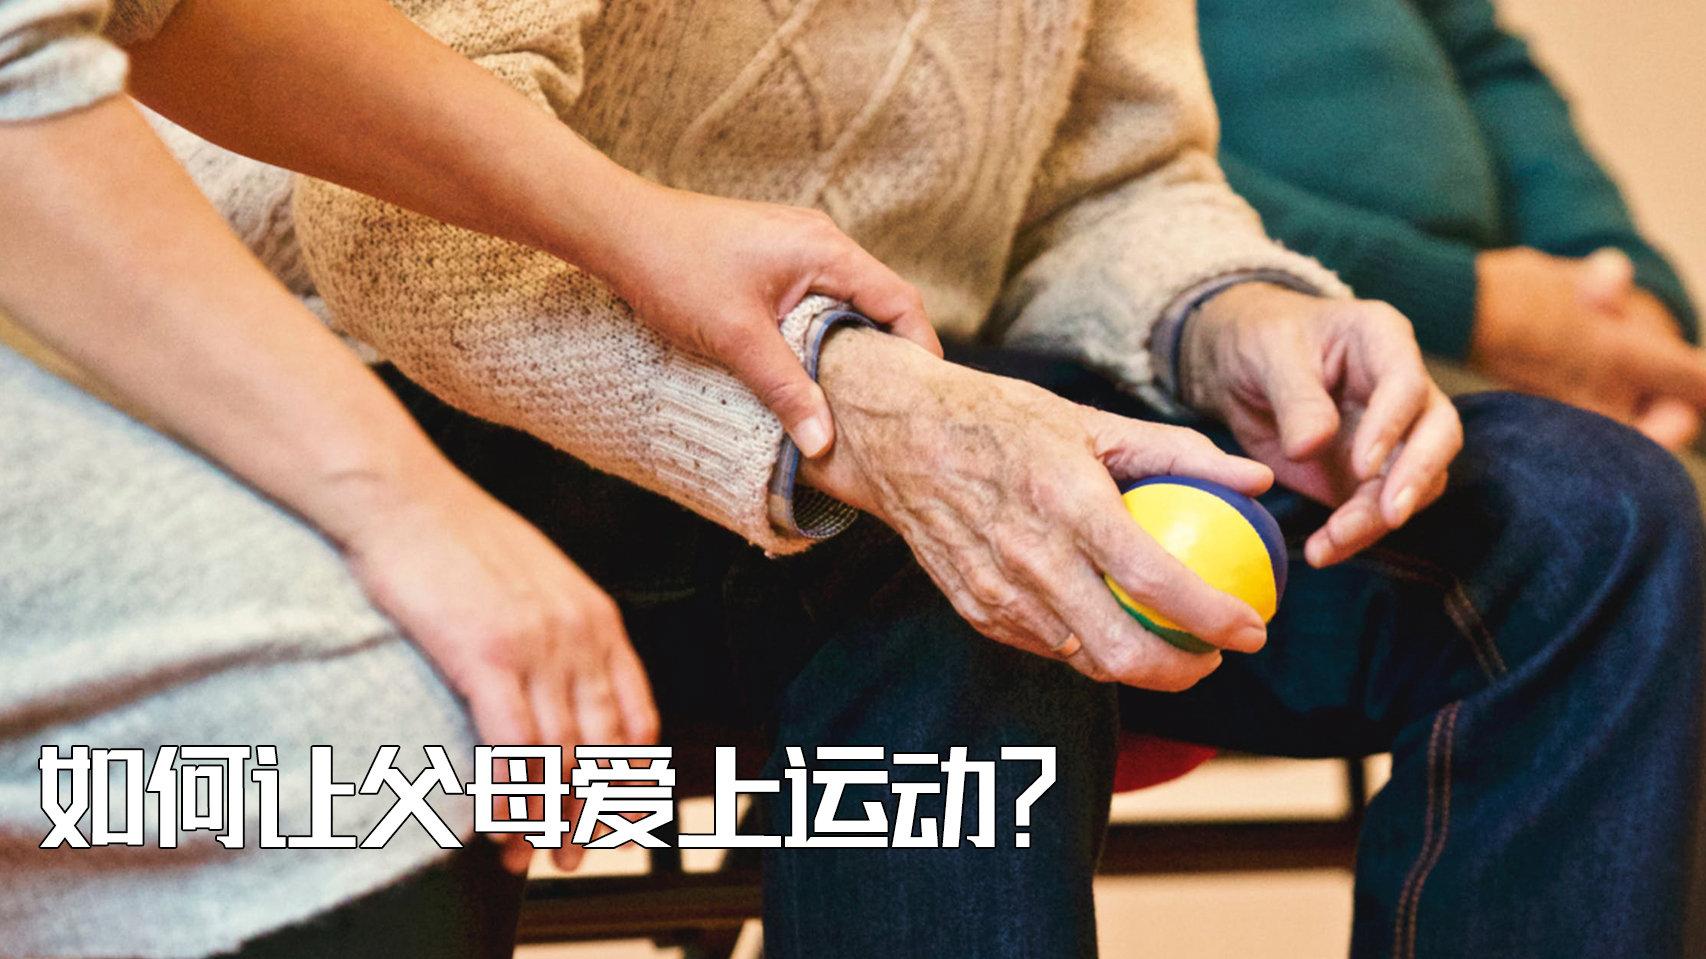 运动好处多多,延长寿命、预防慢性病、提高生活质量